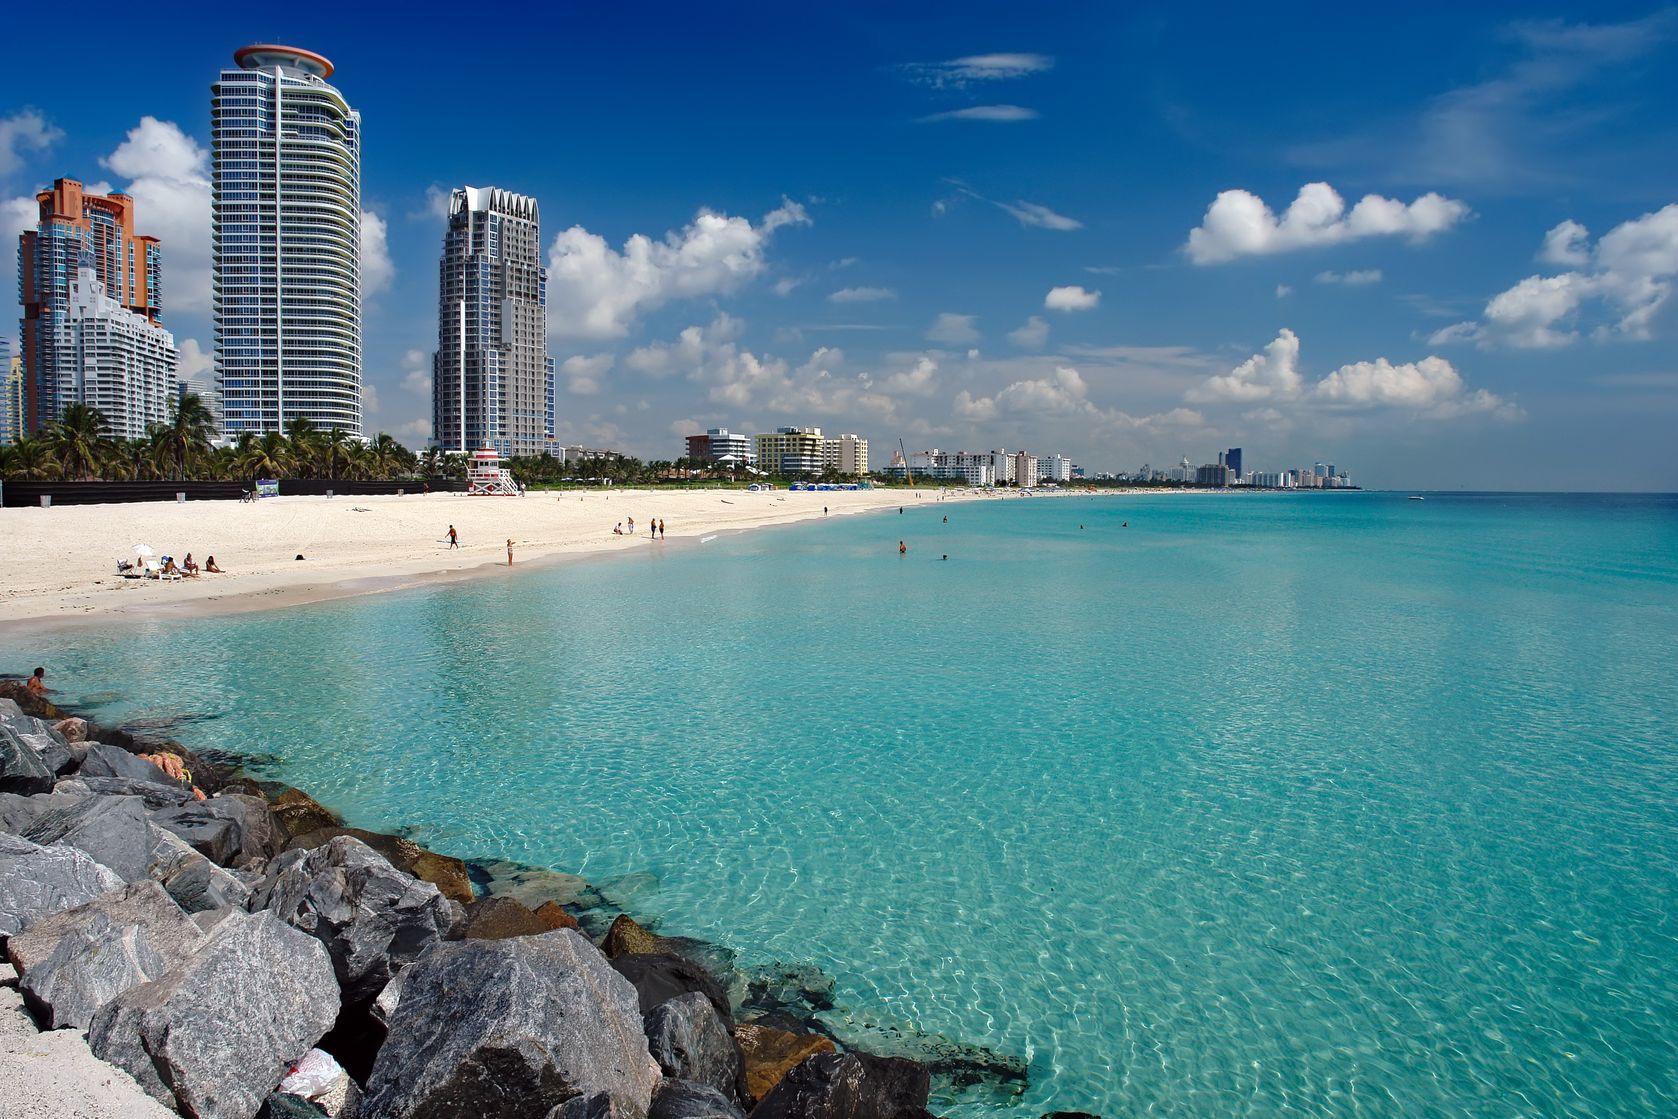 Pláž v Miami na Floridě   sborisov/123RF.com